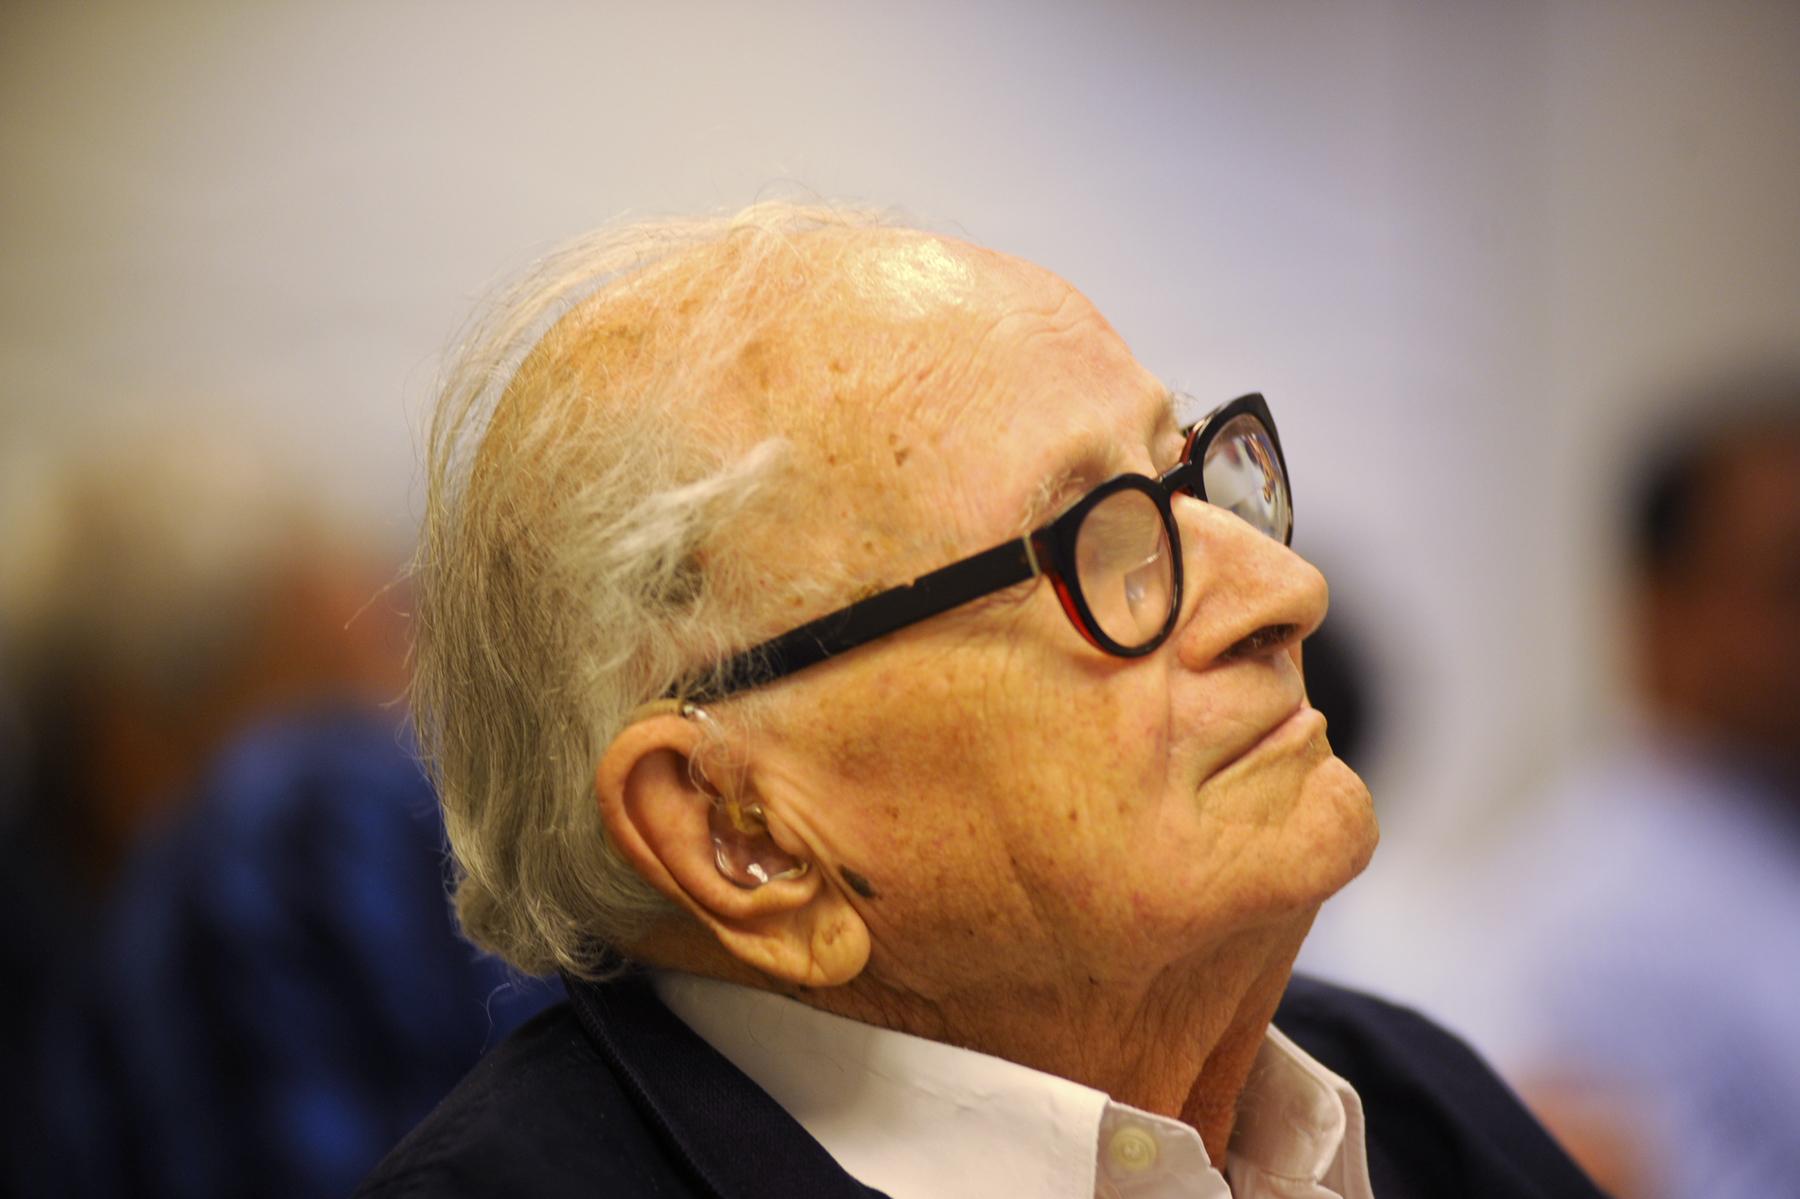 Mantan kepala mata-mata Mossad Rafi Eitan, 90, dalam seminar di Tel Aviv tentang bisnis di Kuba. Grup BM Eitan memiliki minat berbisnis di Kuba. (sumber: Larry Luxner/Times of Israel)